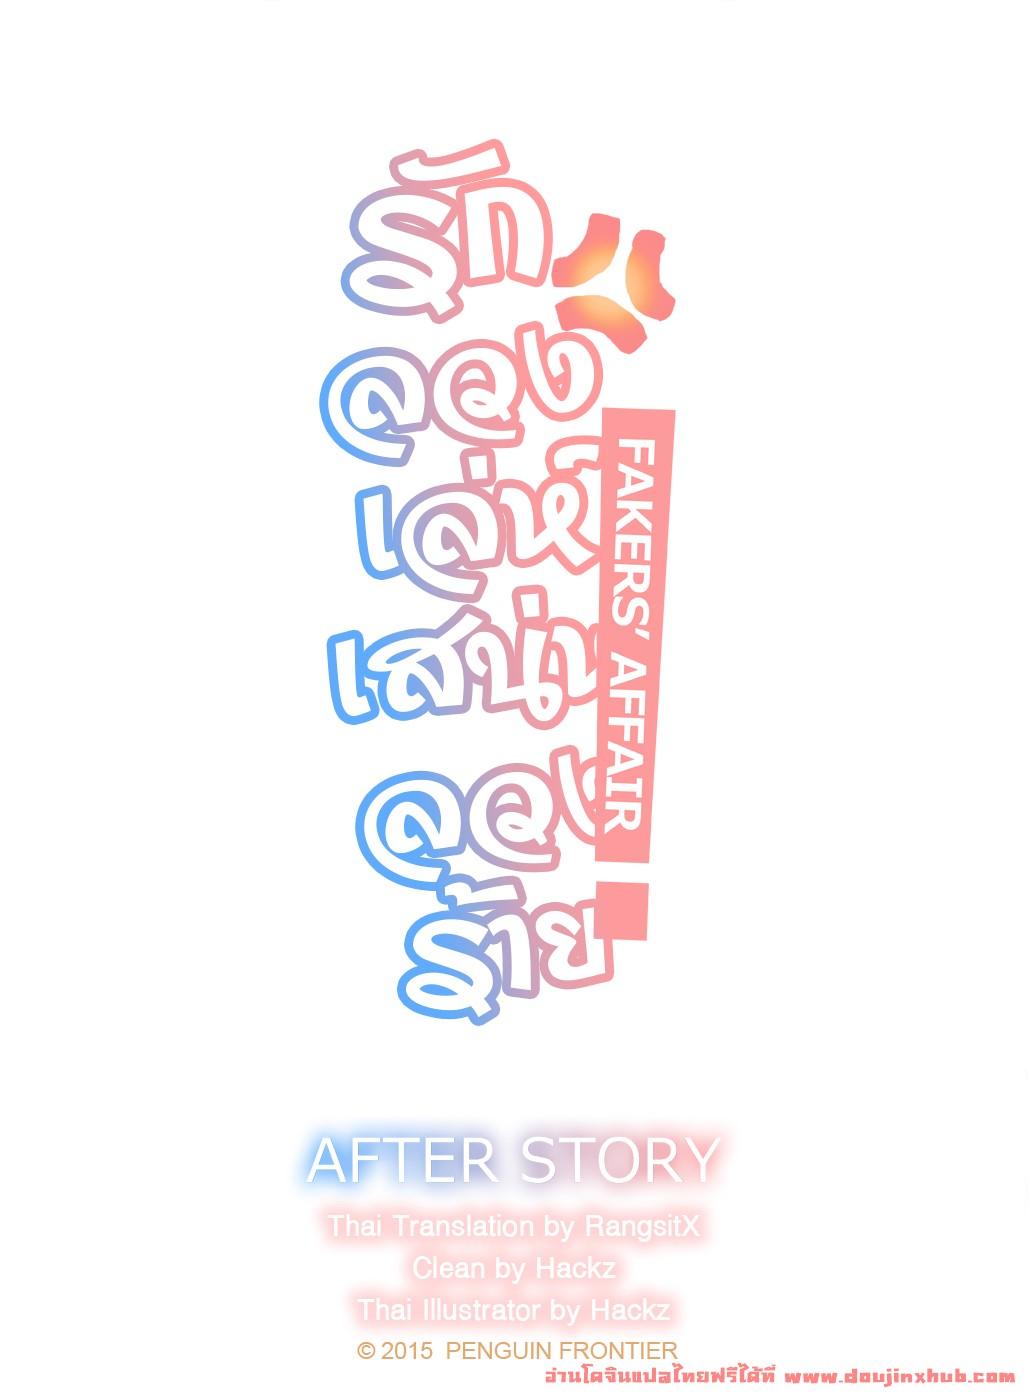 รักลวงเล่ห์ เสน่ห์ลวงร้าย 3 After Story-1